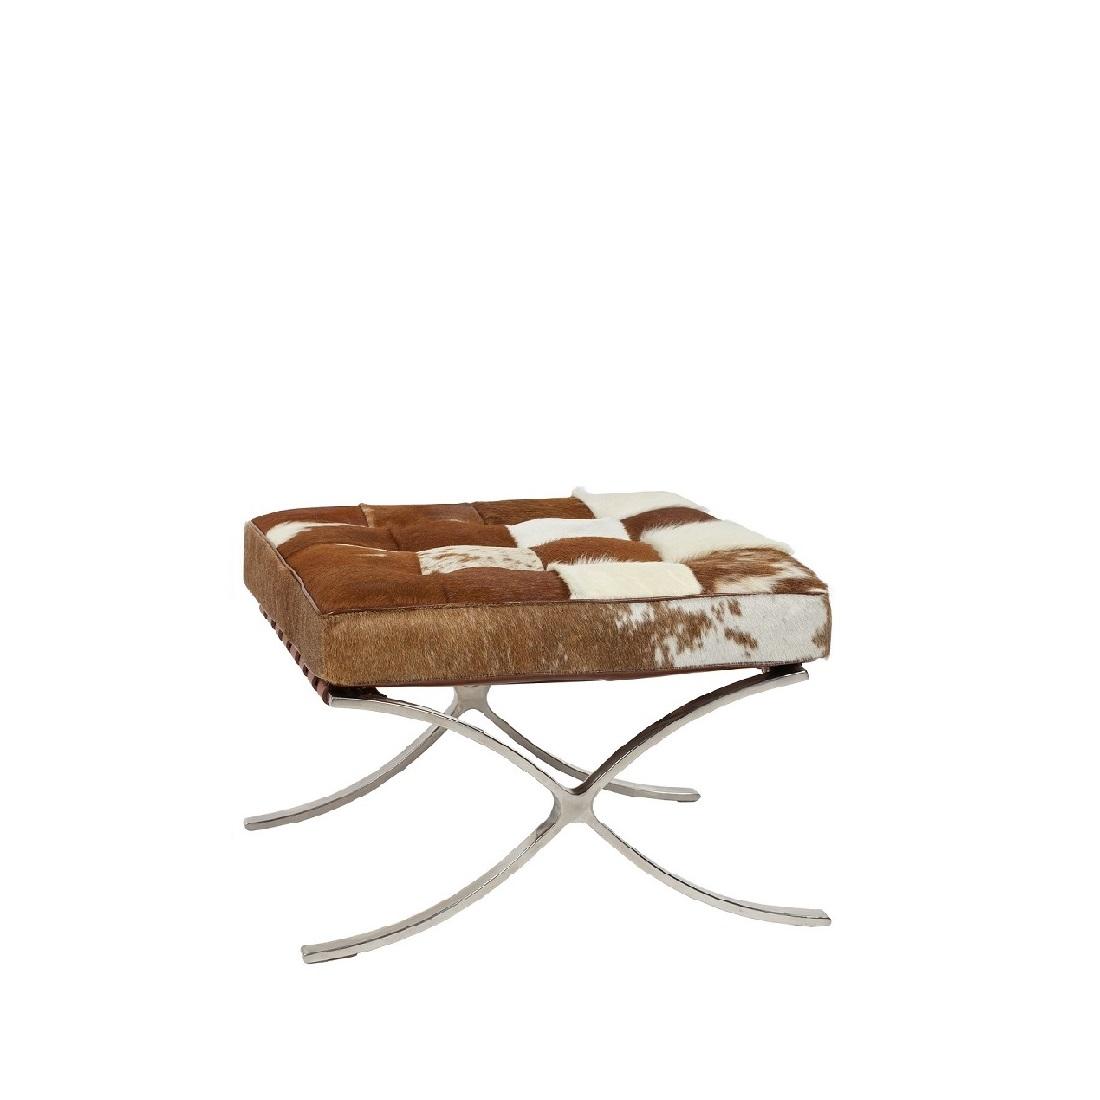 Купить Оттоманка Barcelona Коричнево-белая Кожа Пони Премиум в интернет магазине дизайнерской мебели и аксессуаров для дома и дачи